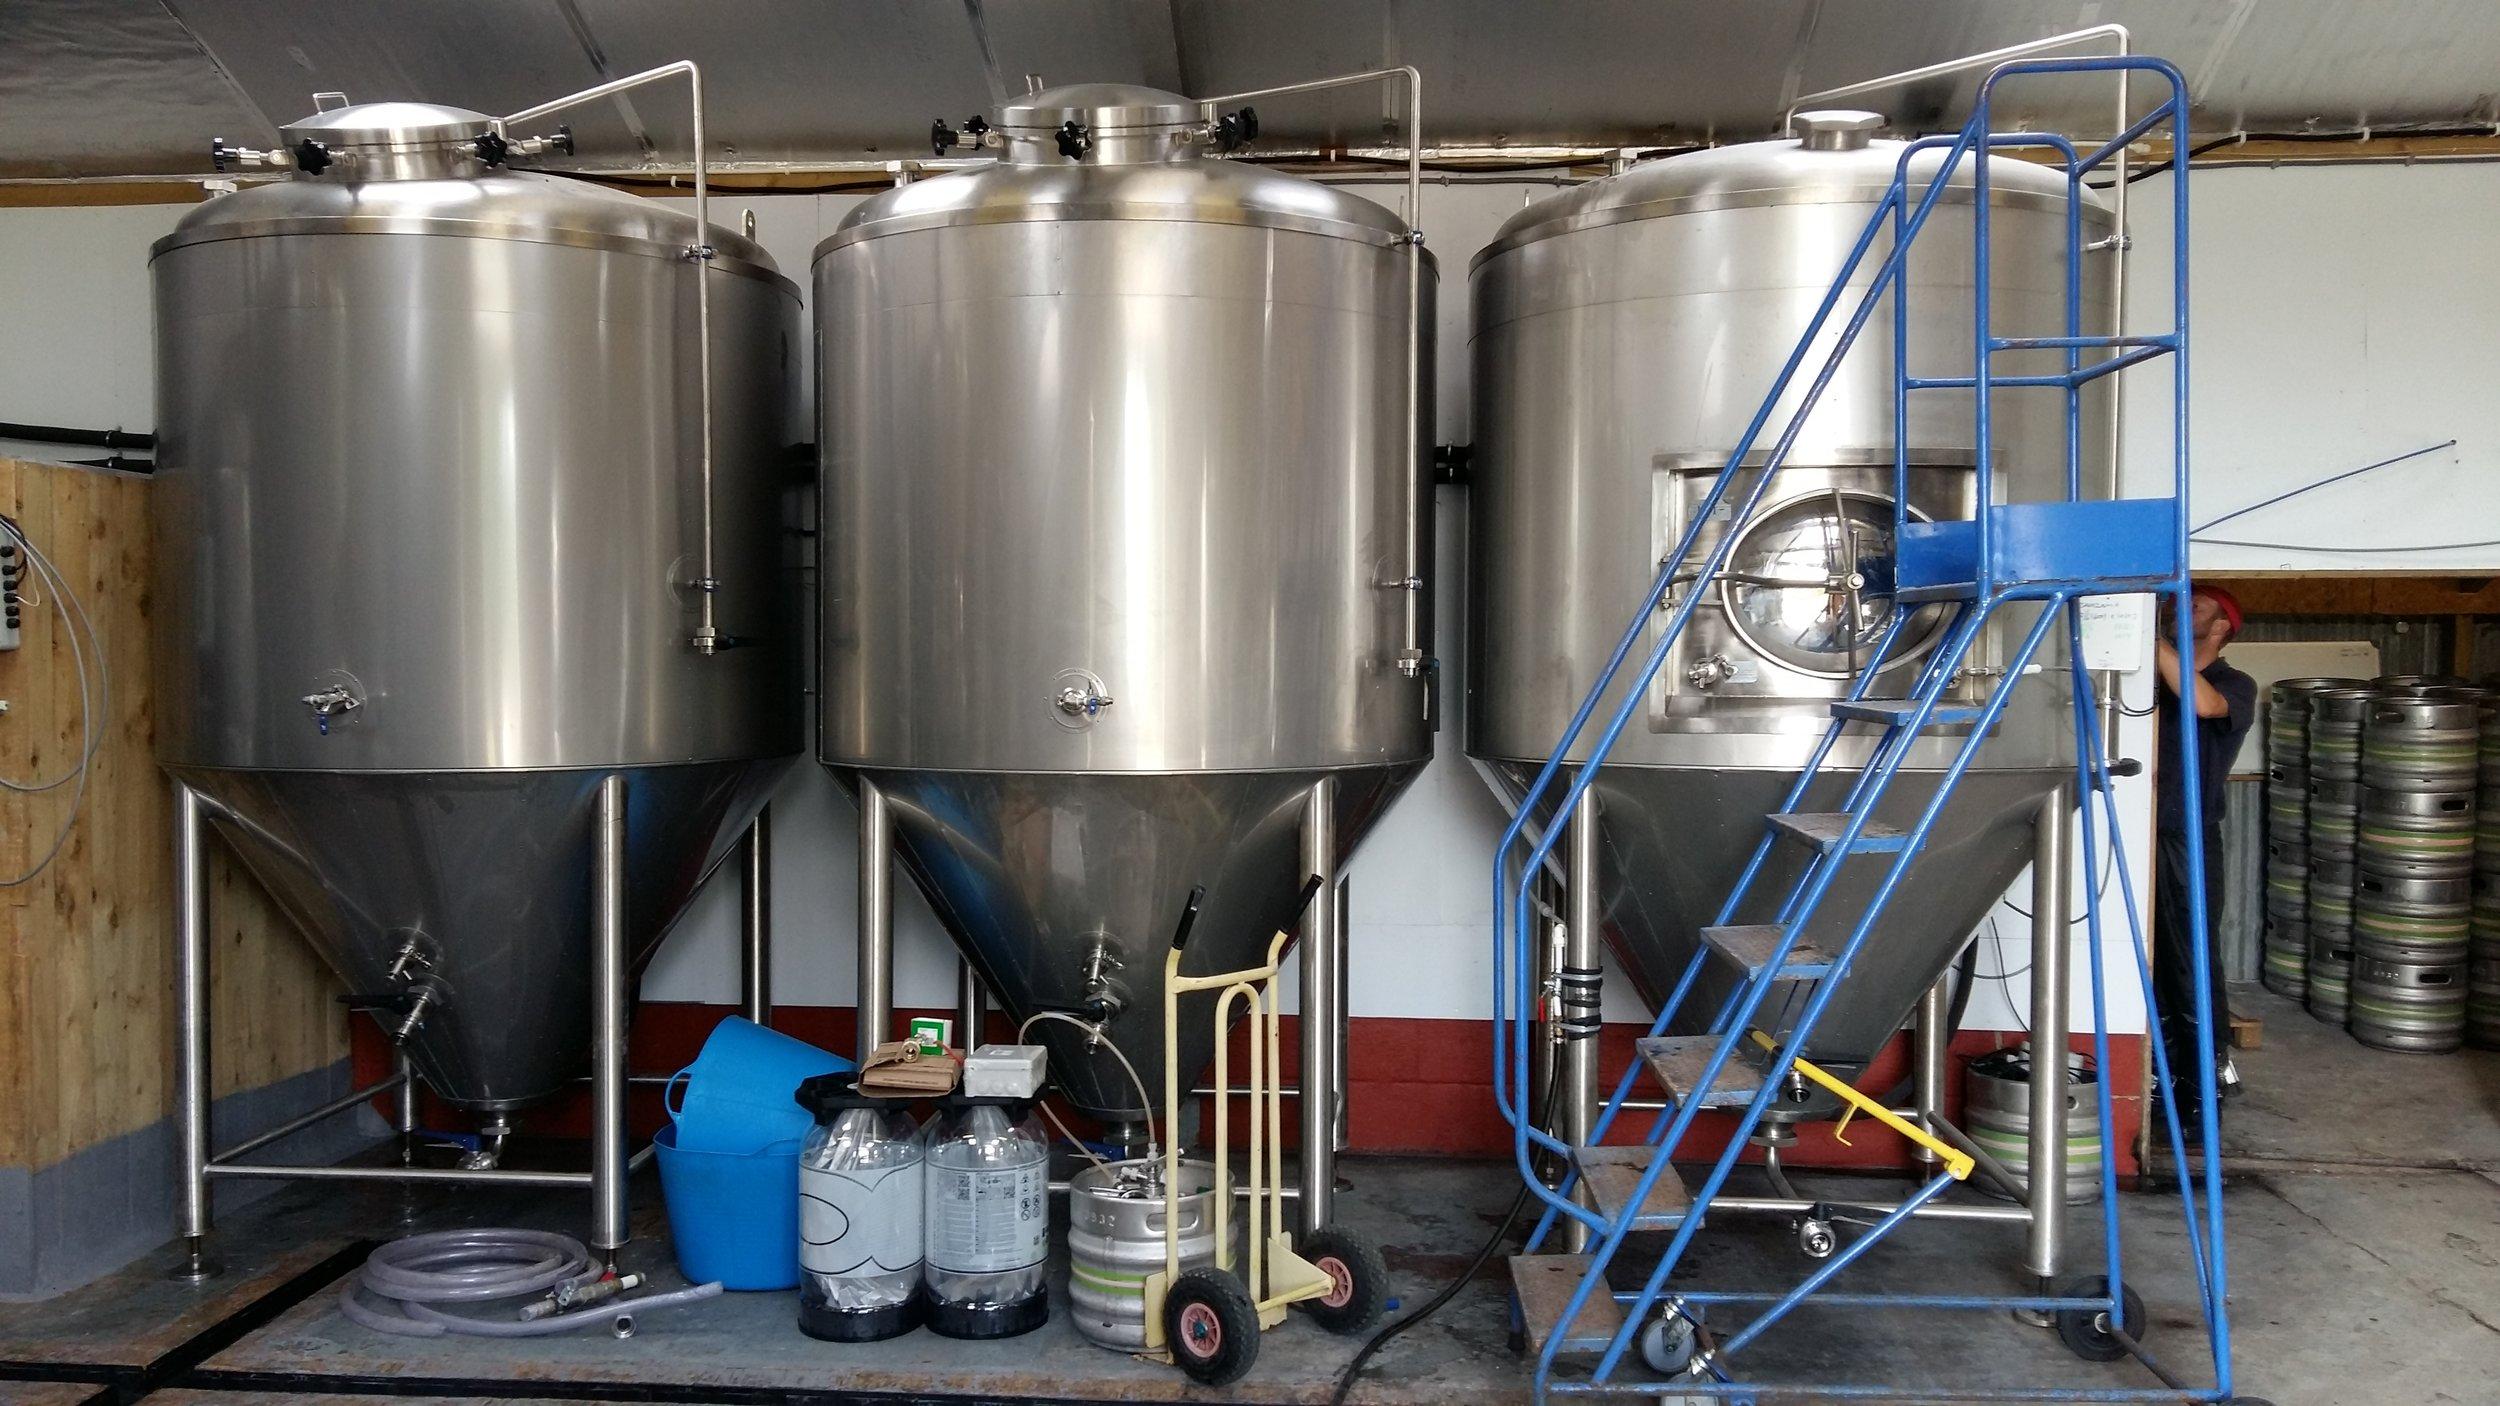 Fermentors at Gun Brewery